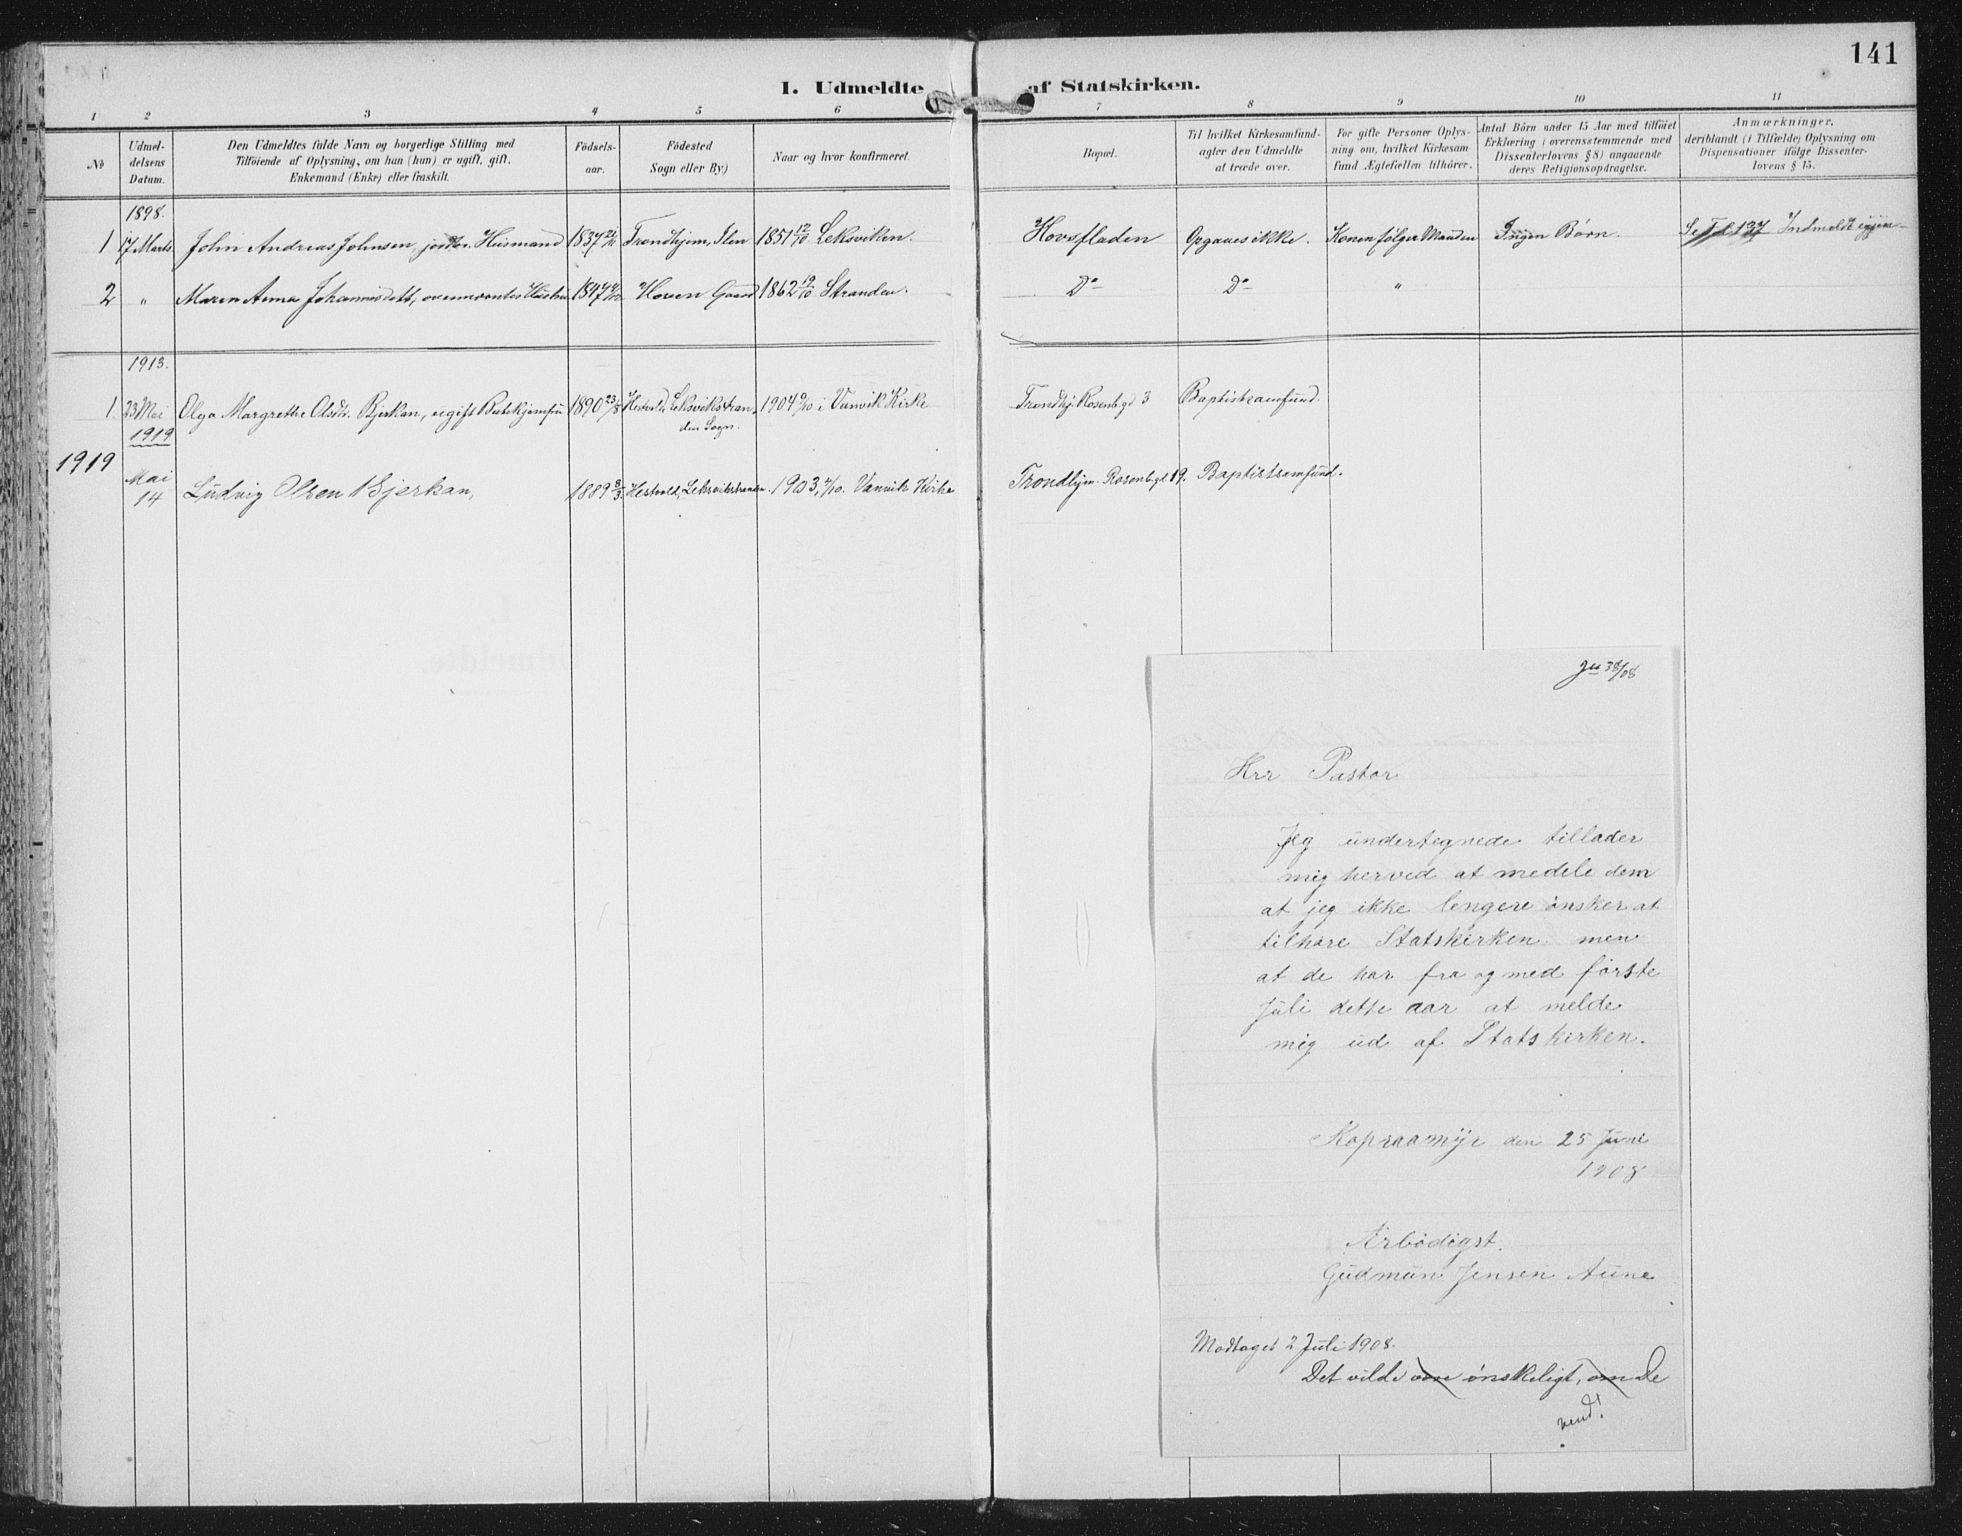 SAT, Ministerialprotokoller, klokkerbøker og fødselsregistre - Nord-Trøndelag, 702/L0024: Ministerialbok nr. 702A02, 1898-1914, s. 141